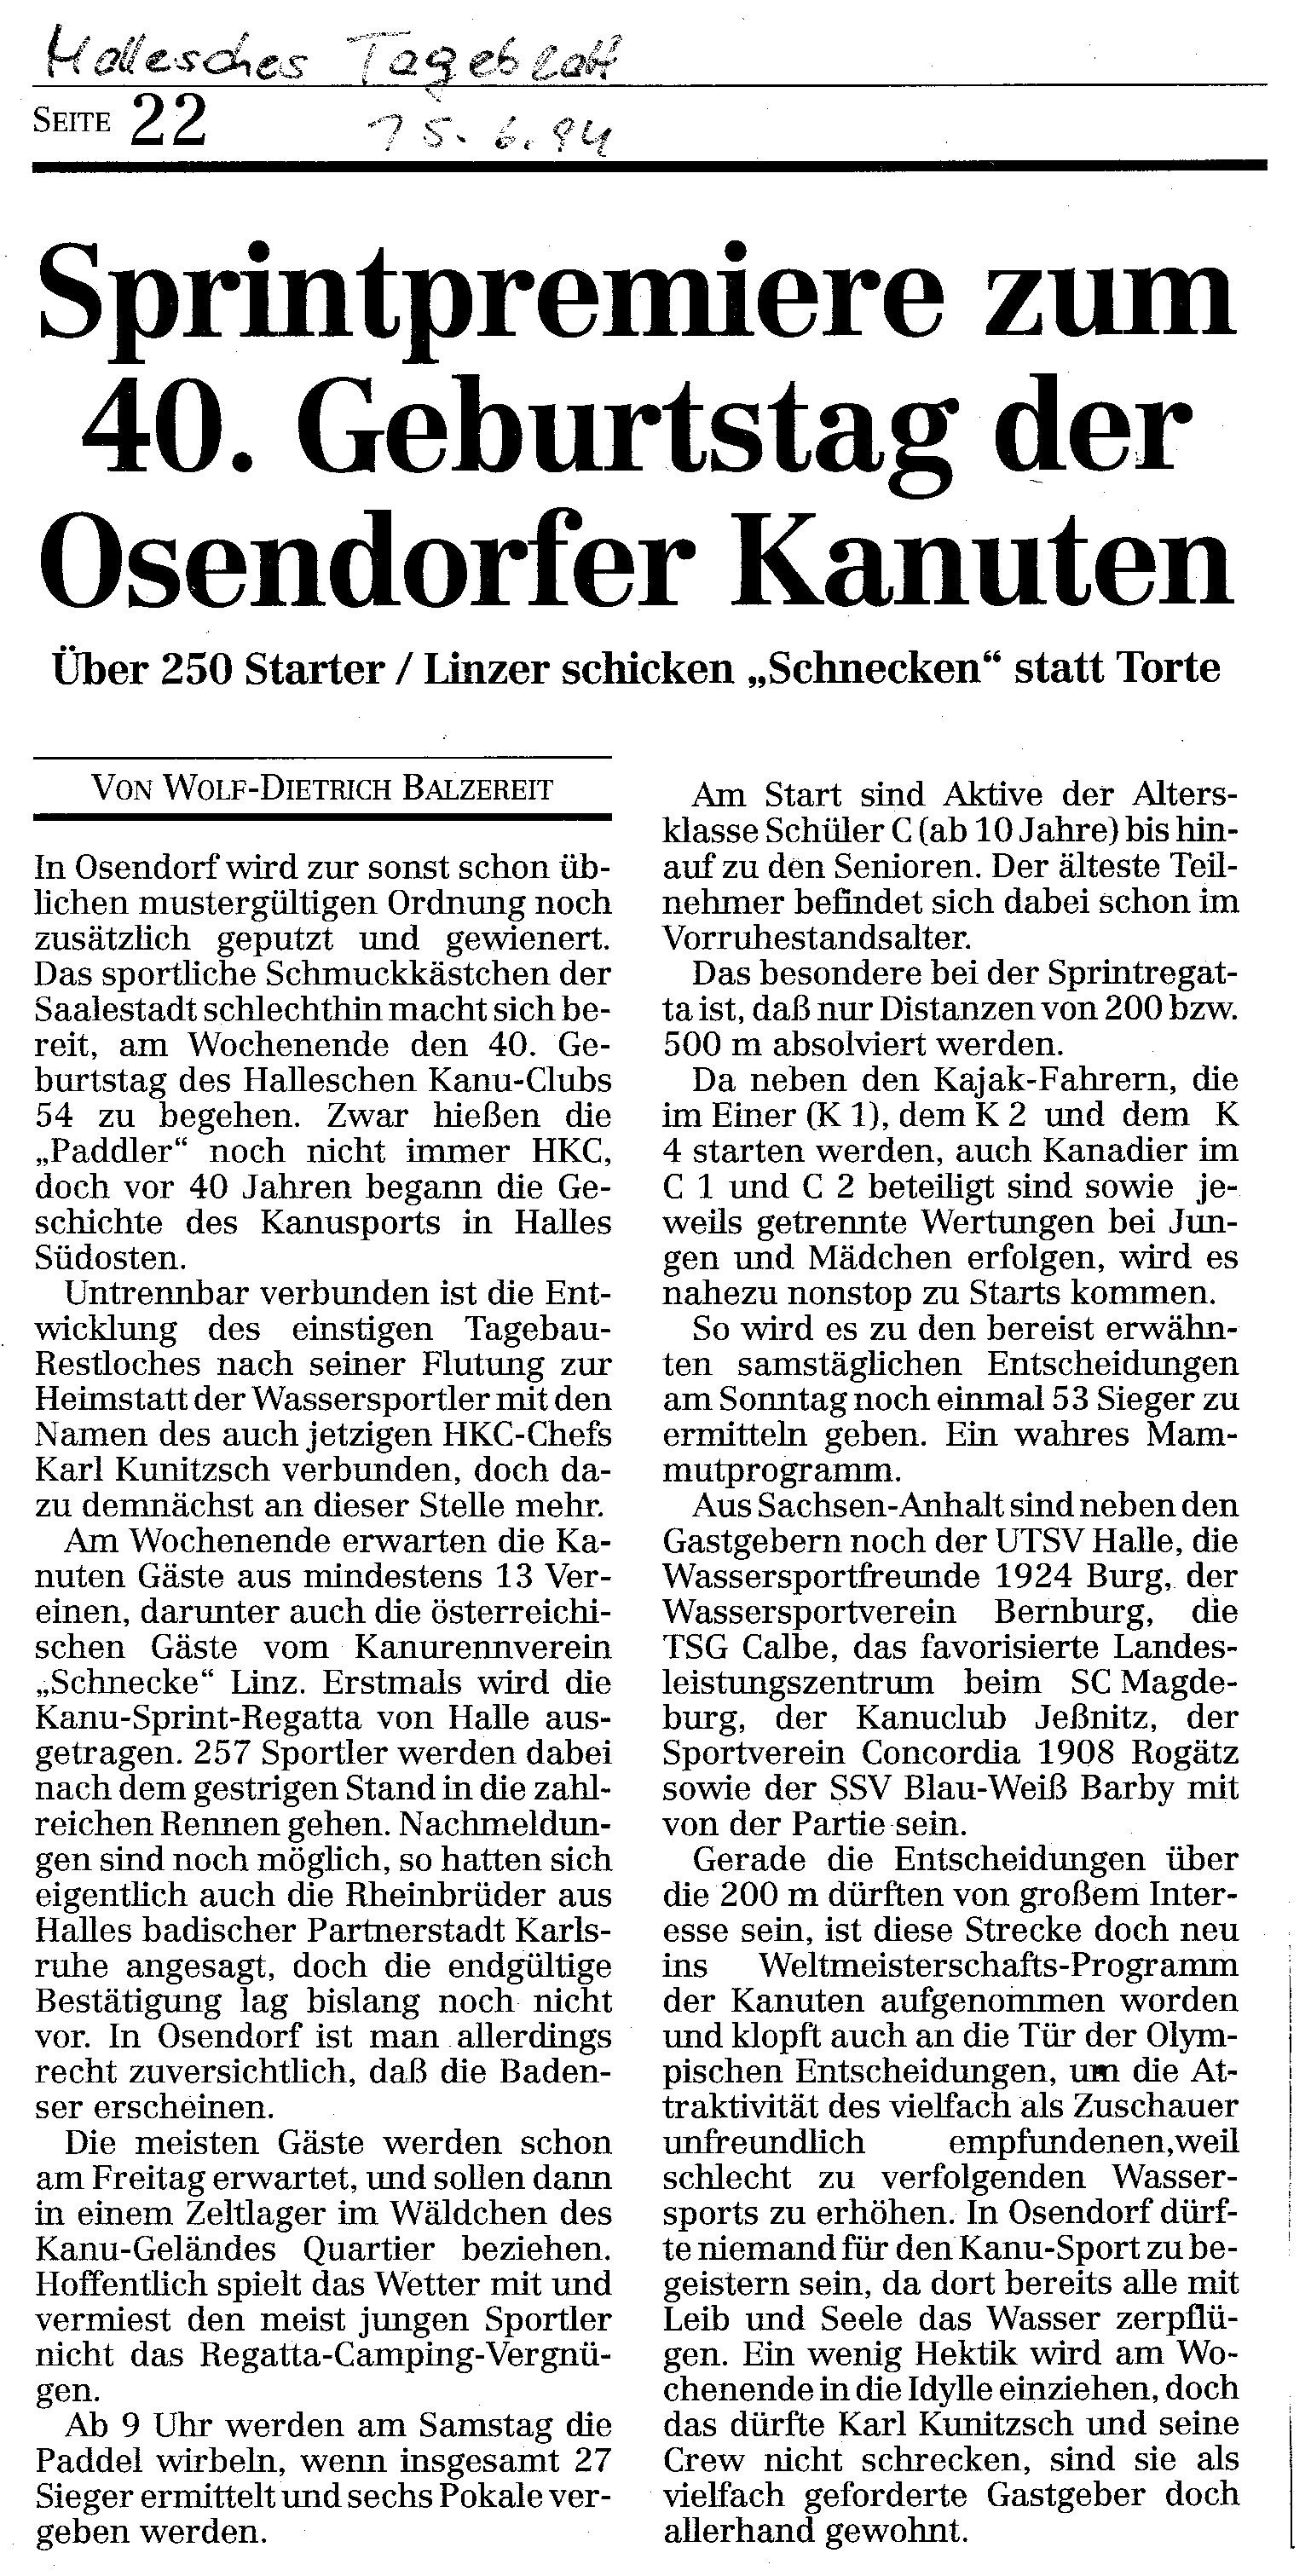 1994-06-15 Hallesches Tageblatt Sprintpremiere zum 40. Geburtstag der Osendorfer Kanuten